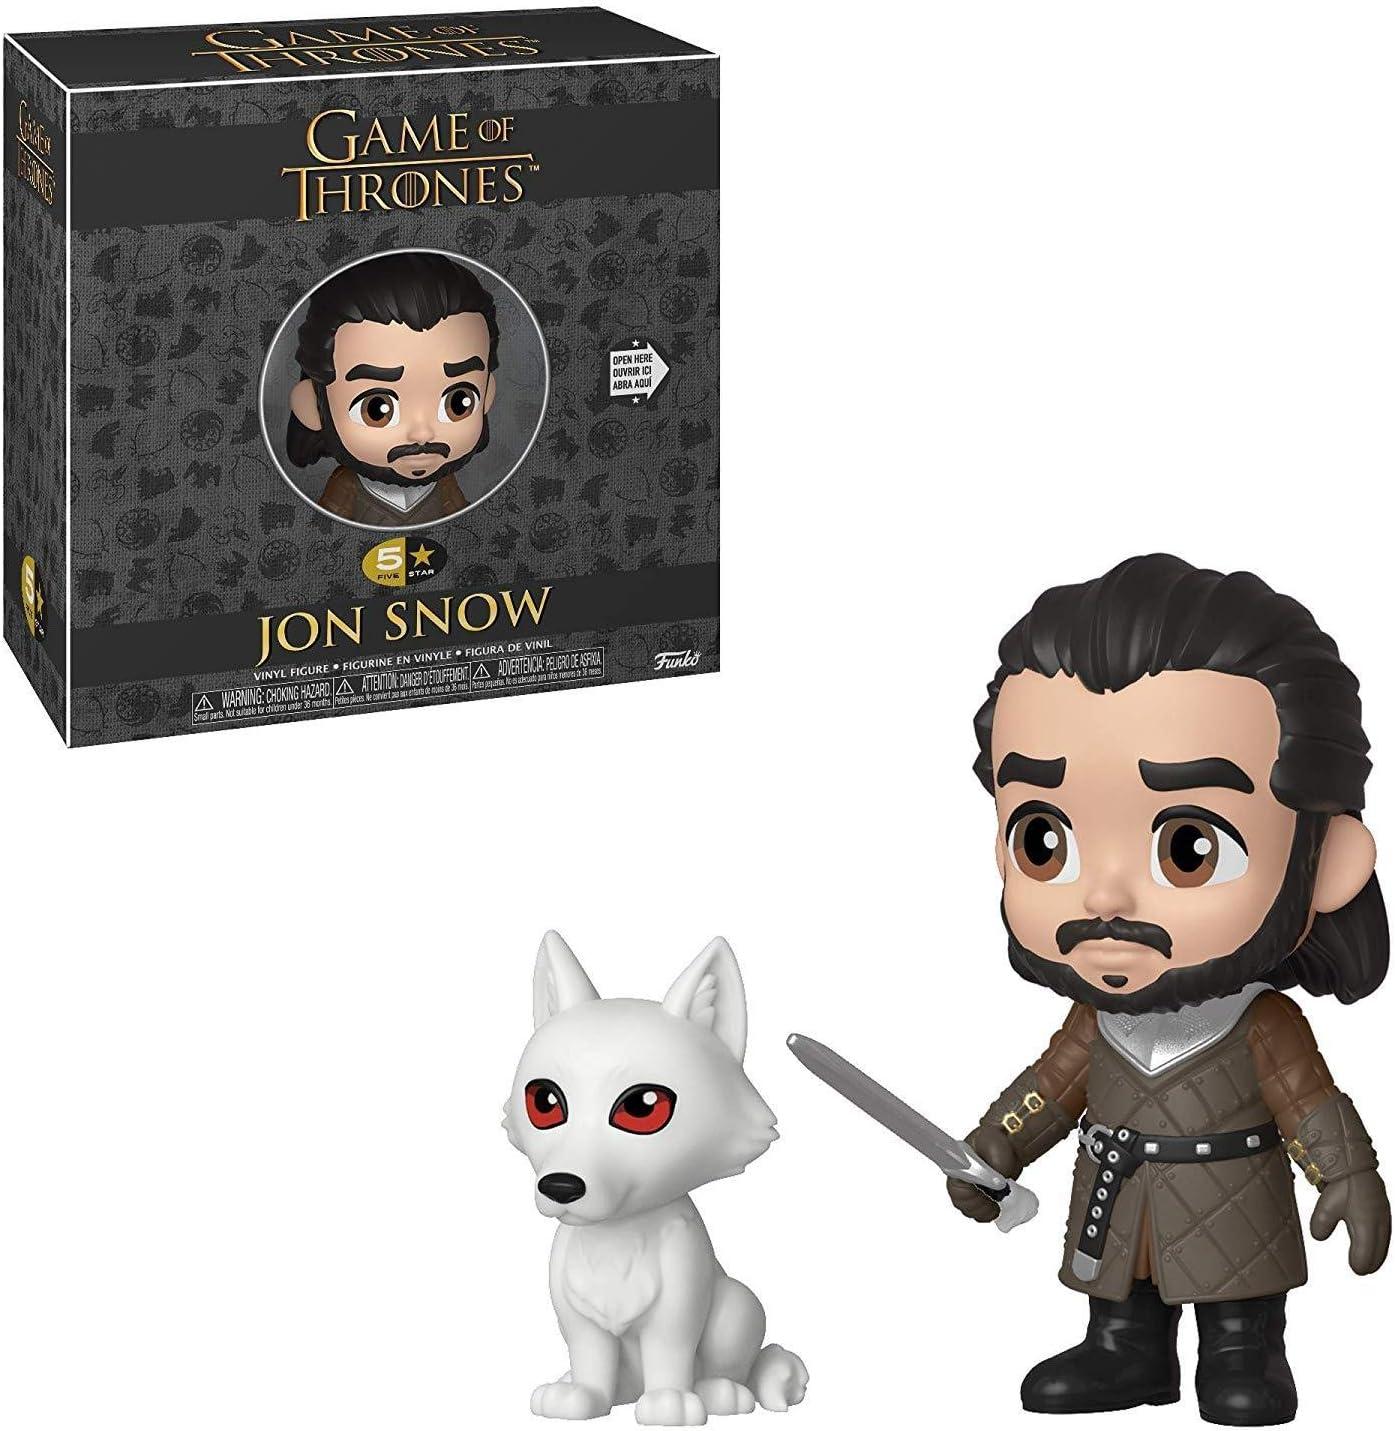 Juego De Tronos - Figura Funko 5 Star Jon Nieve w/ Fantasma 10cm: Amazon.es: Juguetes y juegos